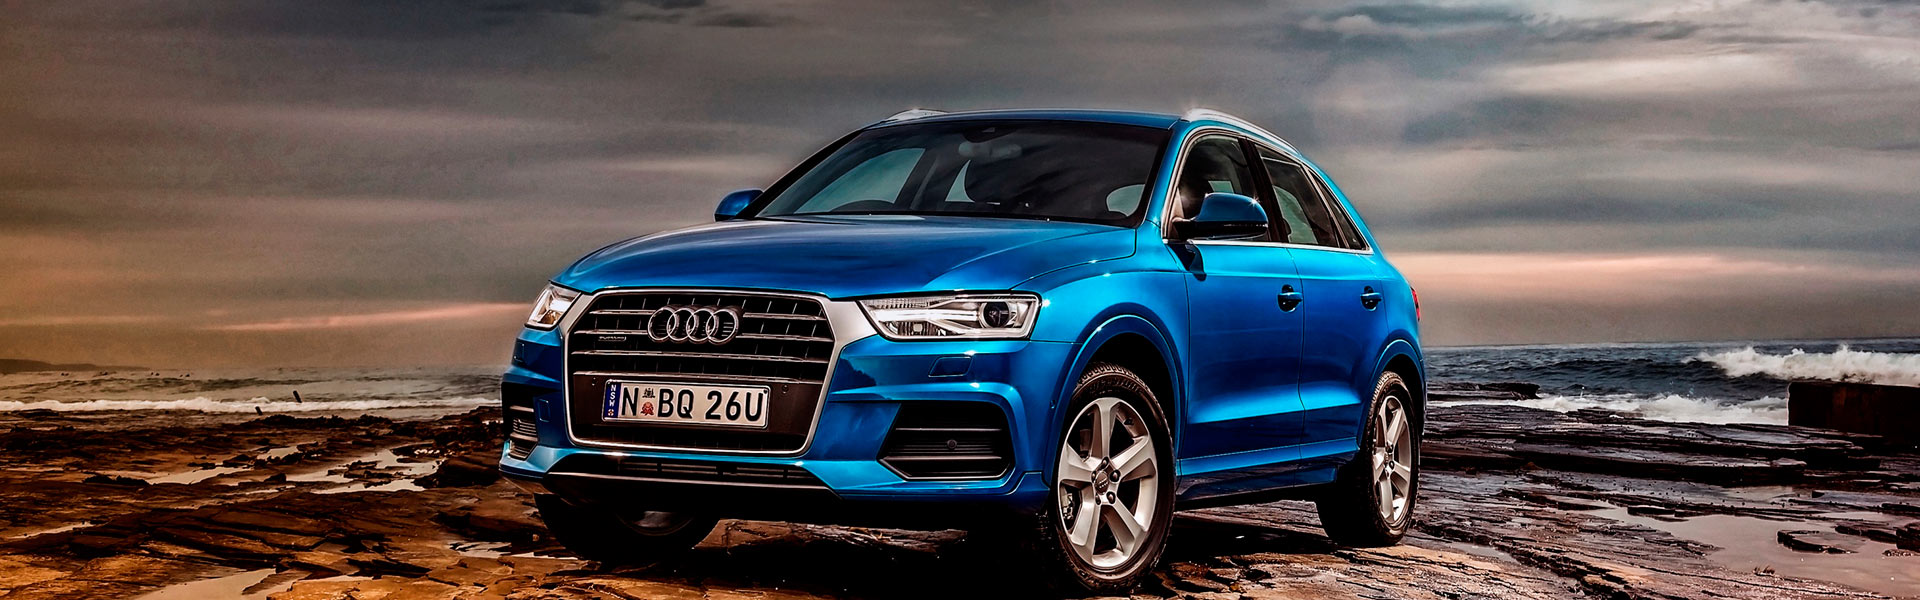 Замена фильтров Audi